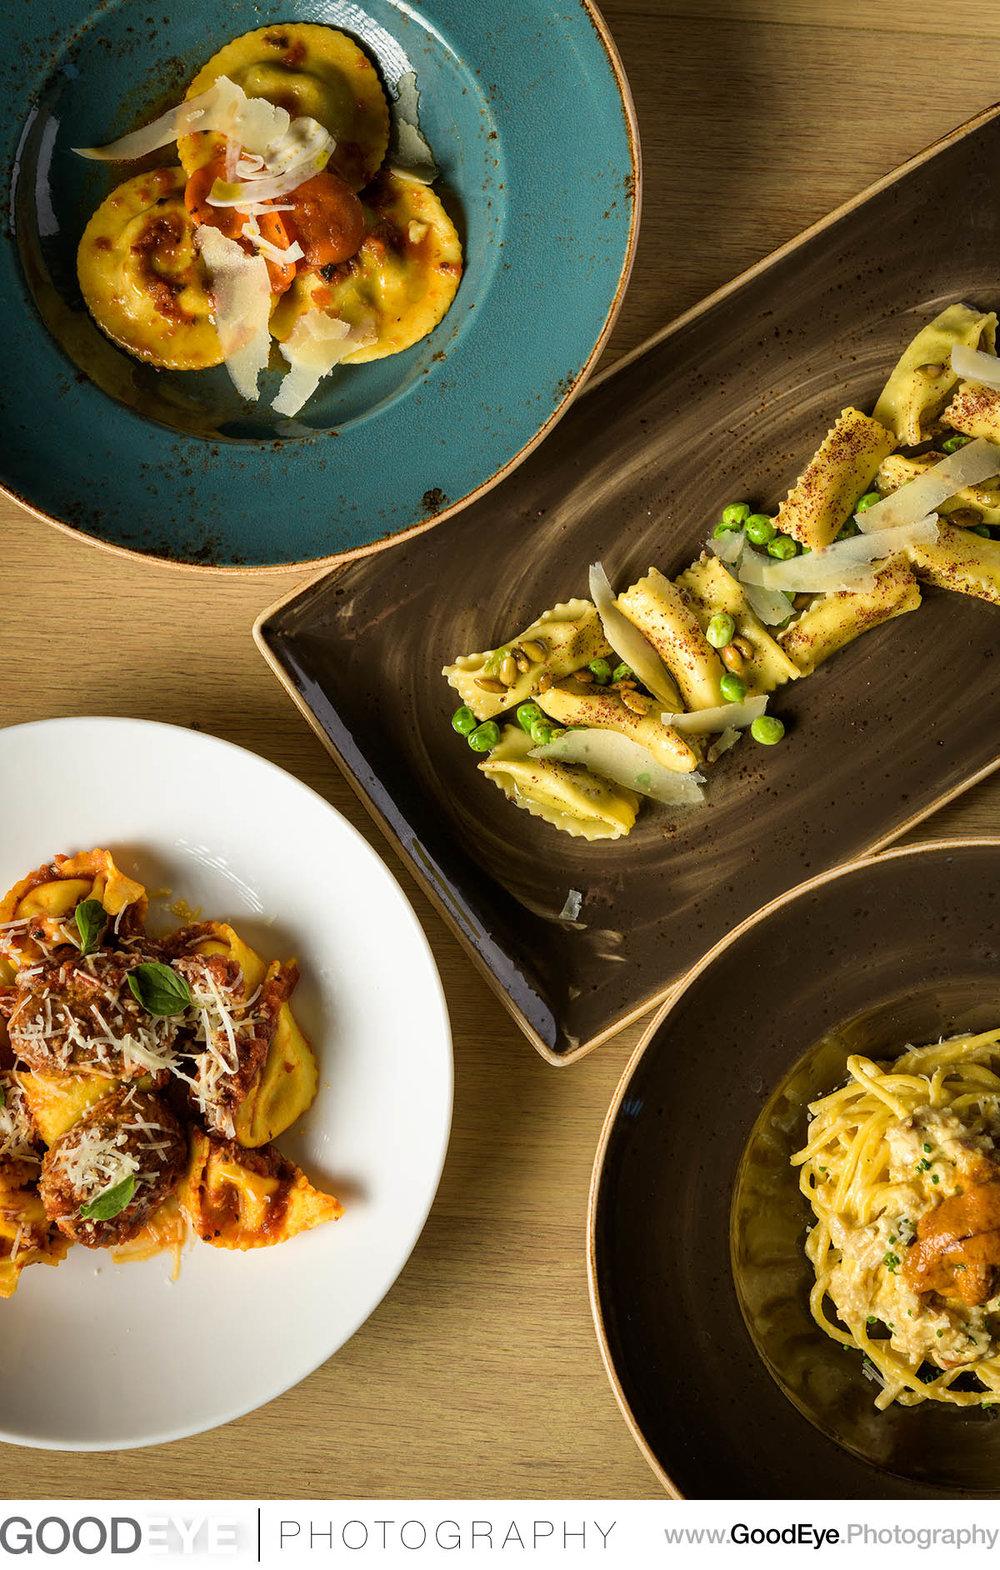 Cetrella Los Altos food photography - photos by Bay Area restaur